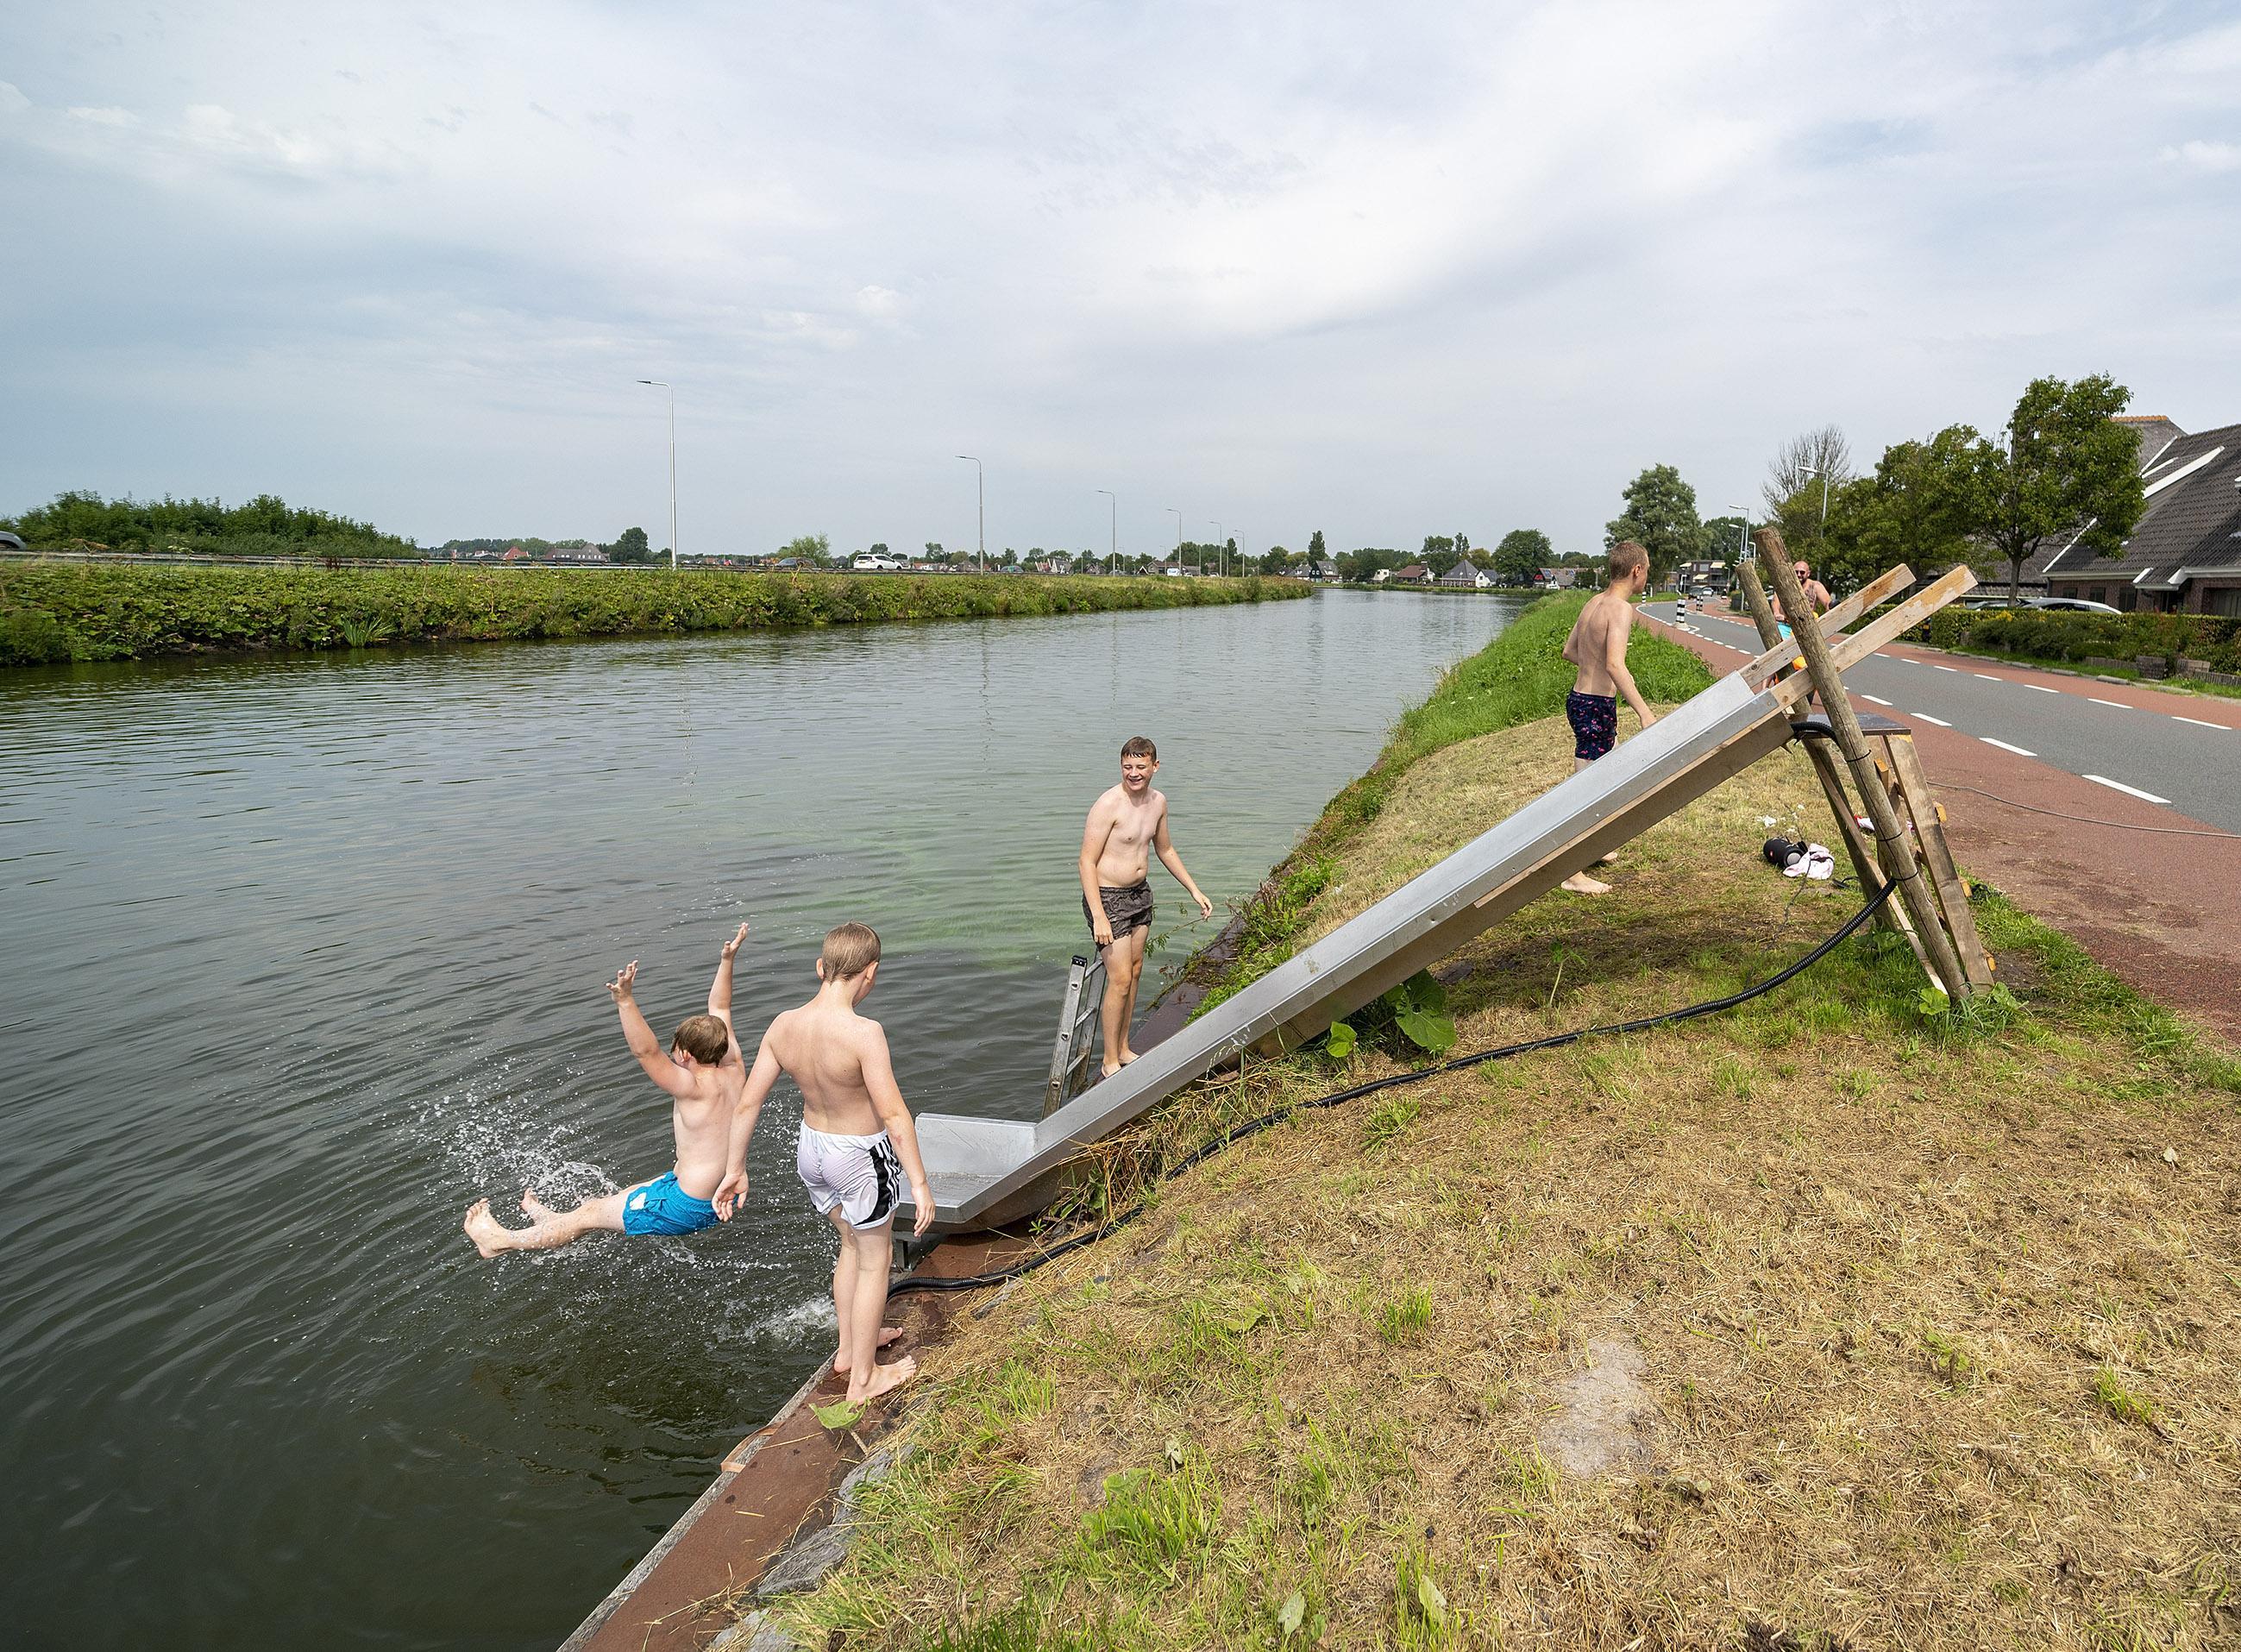 Frisse plons in Noordhollands Kanaal dankzij zelfgemaakt glijbaantje